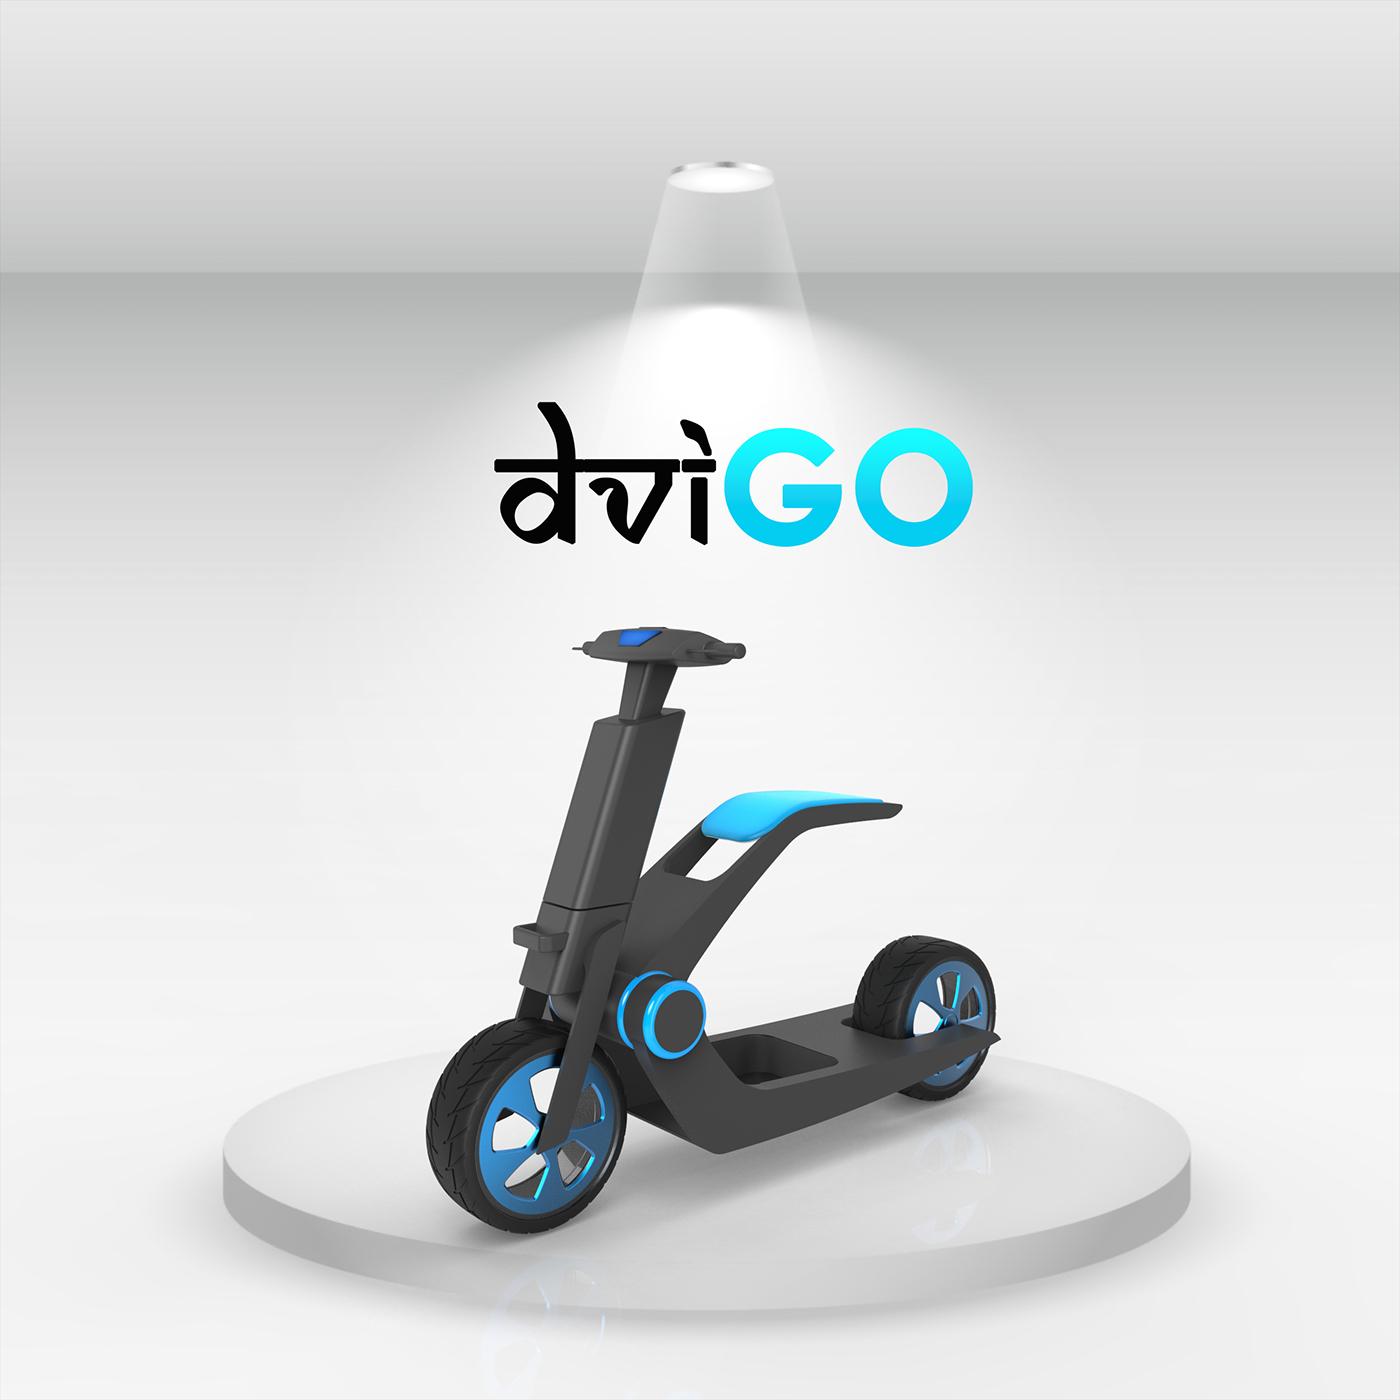 Dvigo电动助力车创意设计